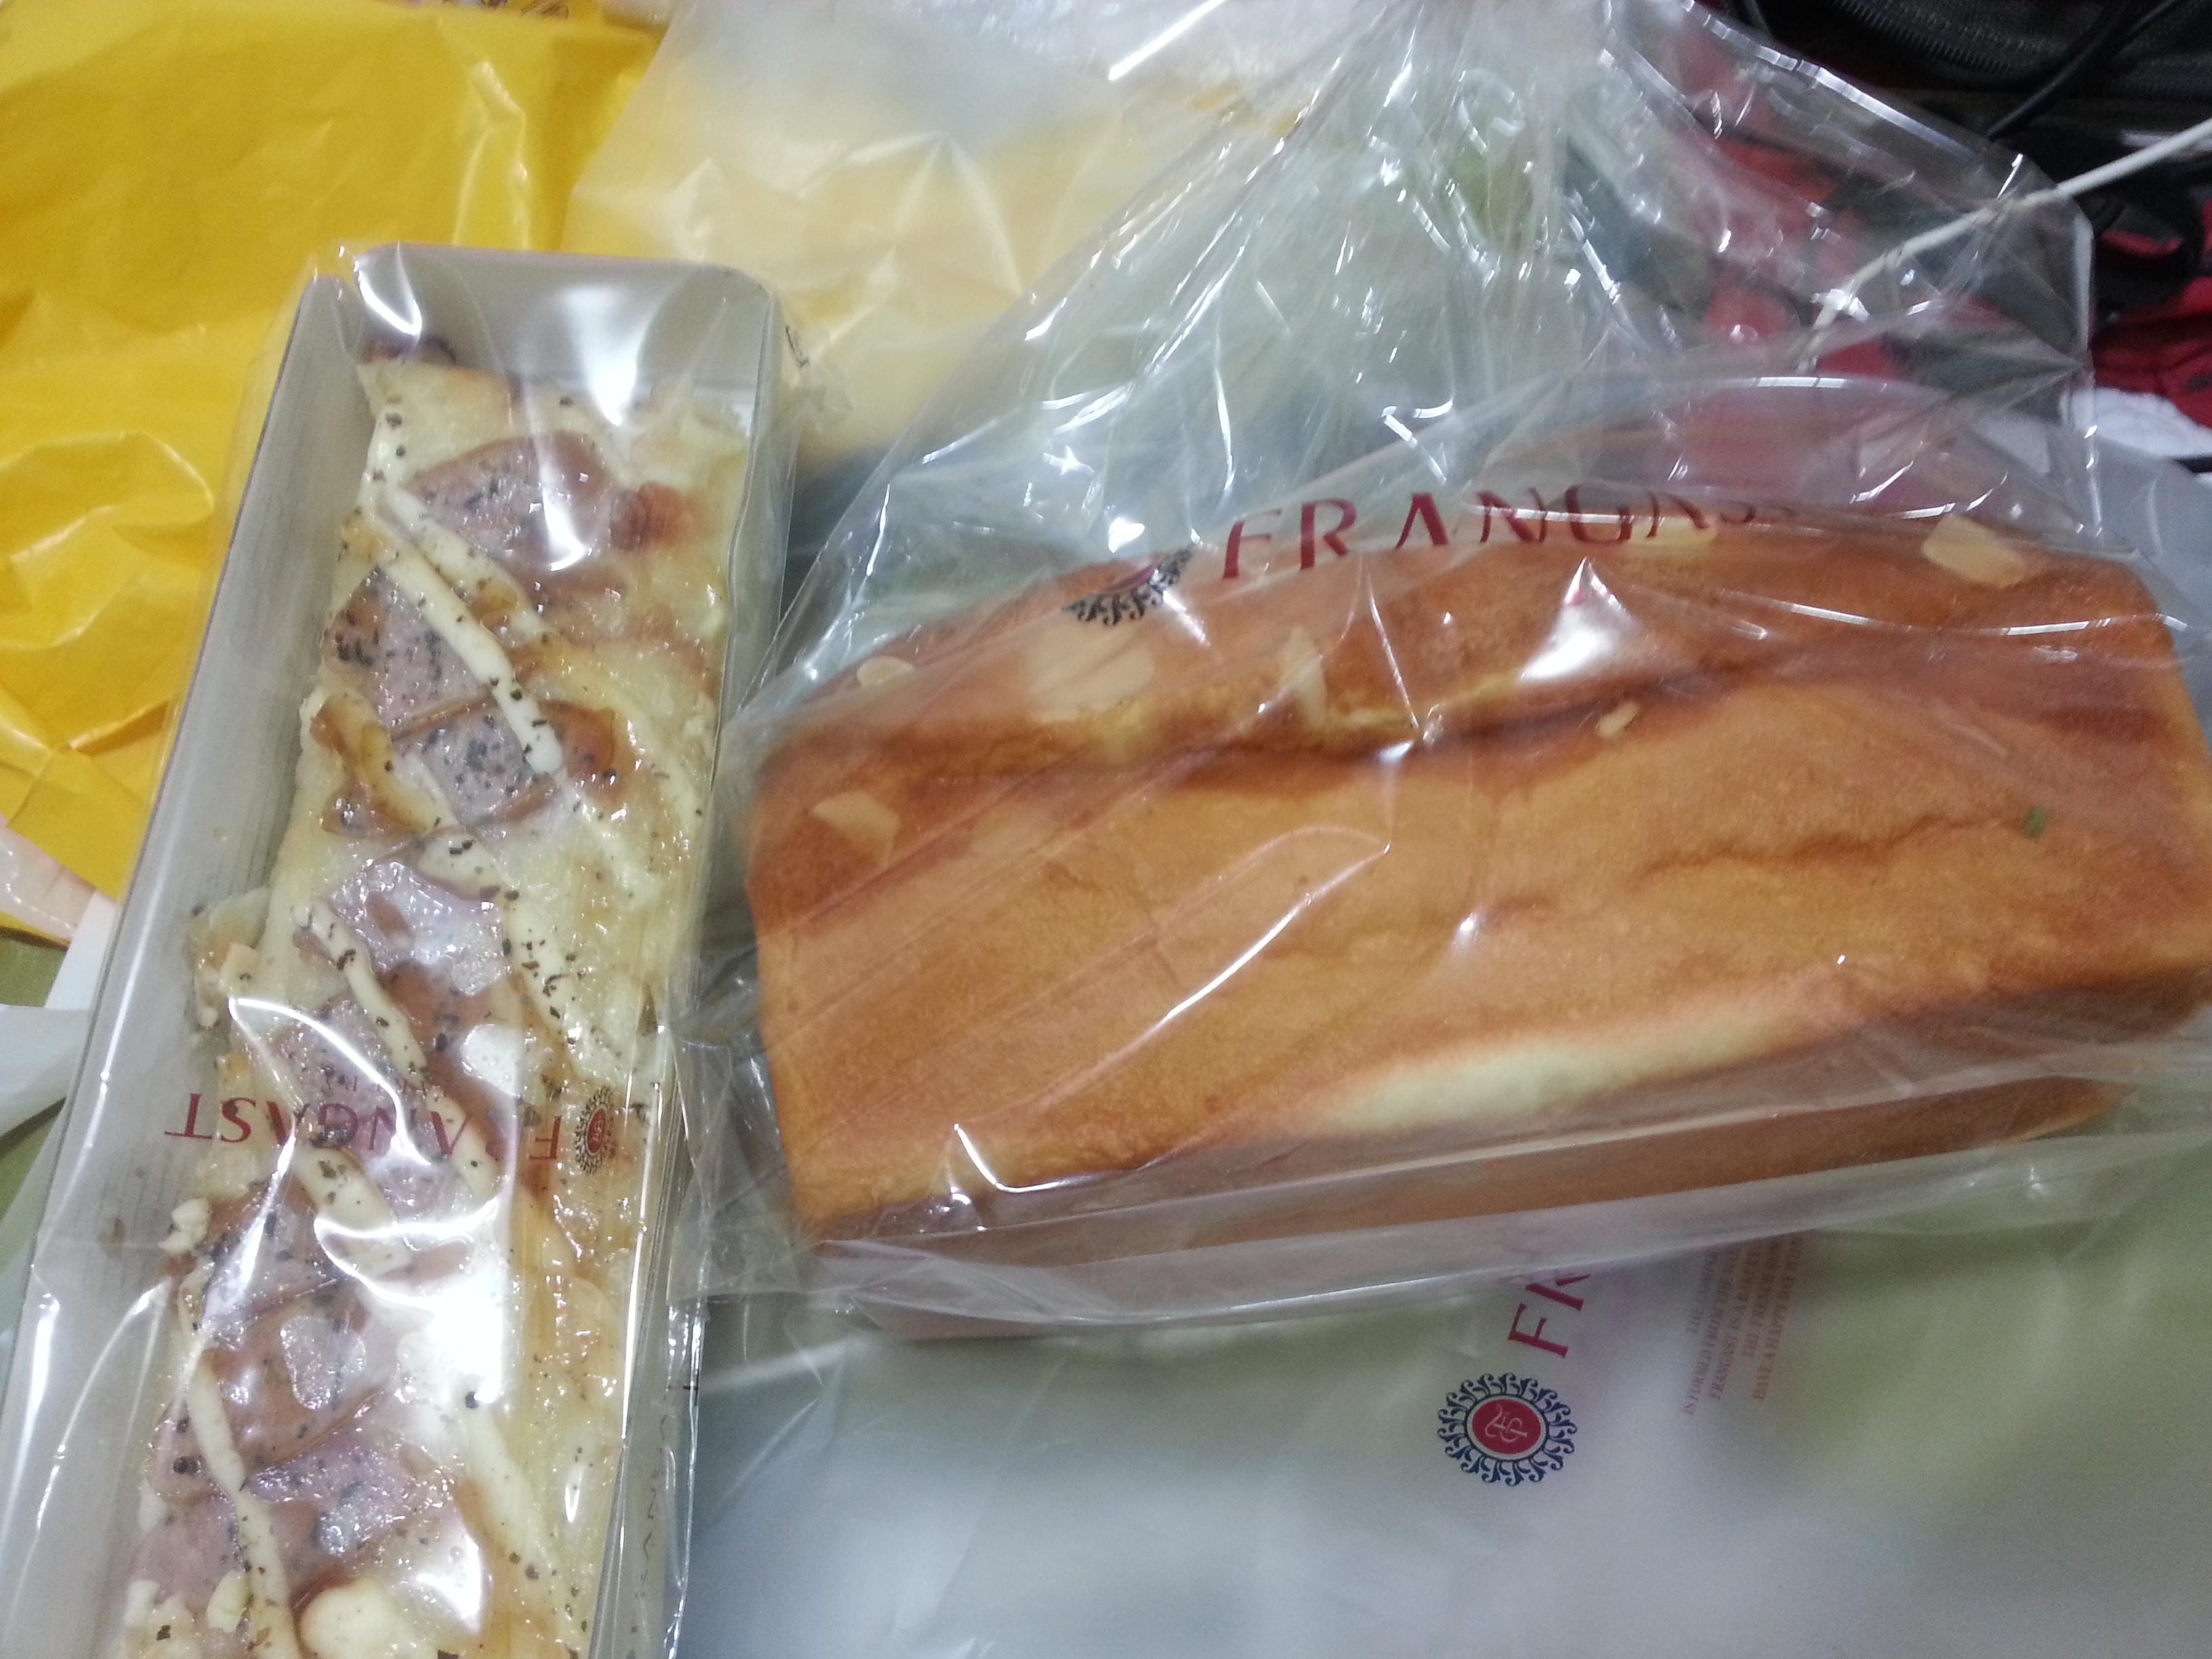 00都在飞机上,这两个面包7920韩元